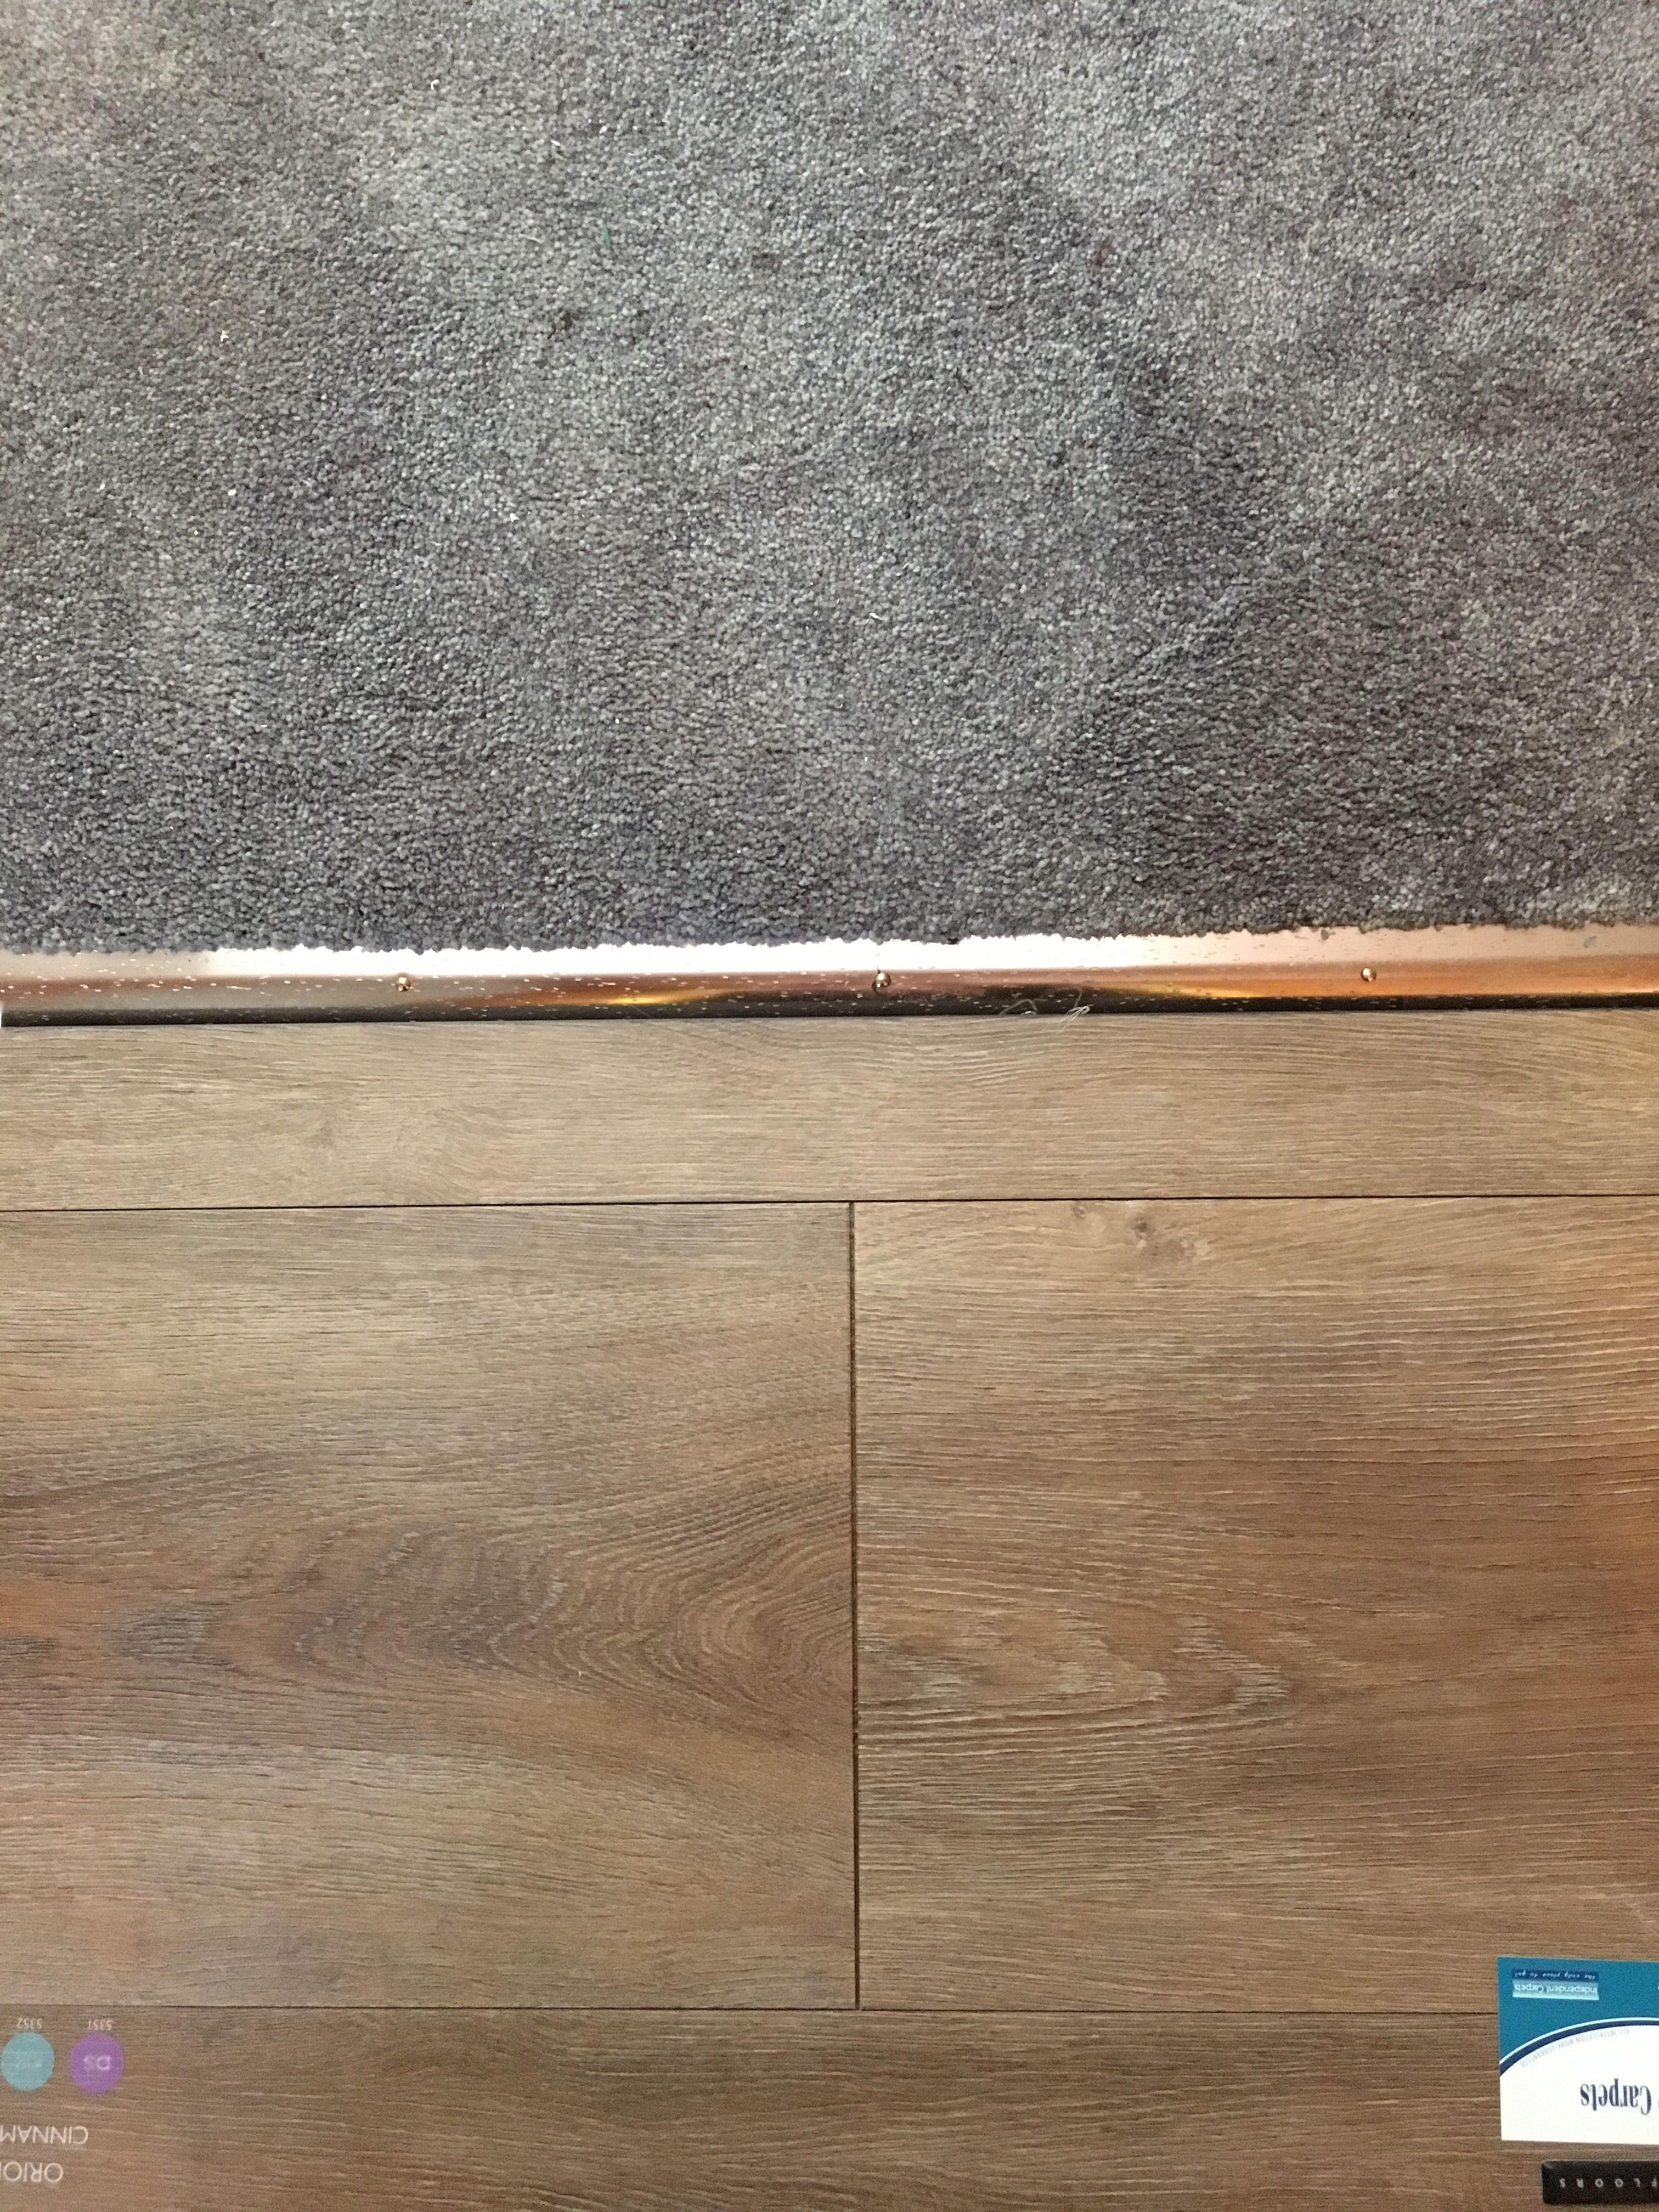 Vinyl Flooring To Grey Carpet Transition Vinyl Flooring Grey Carpet Home Reno